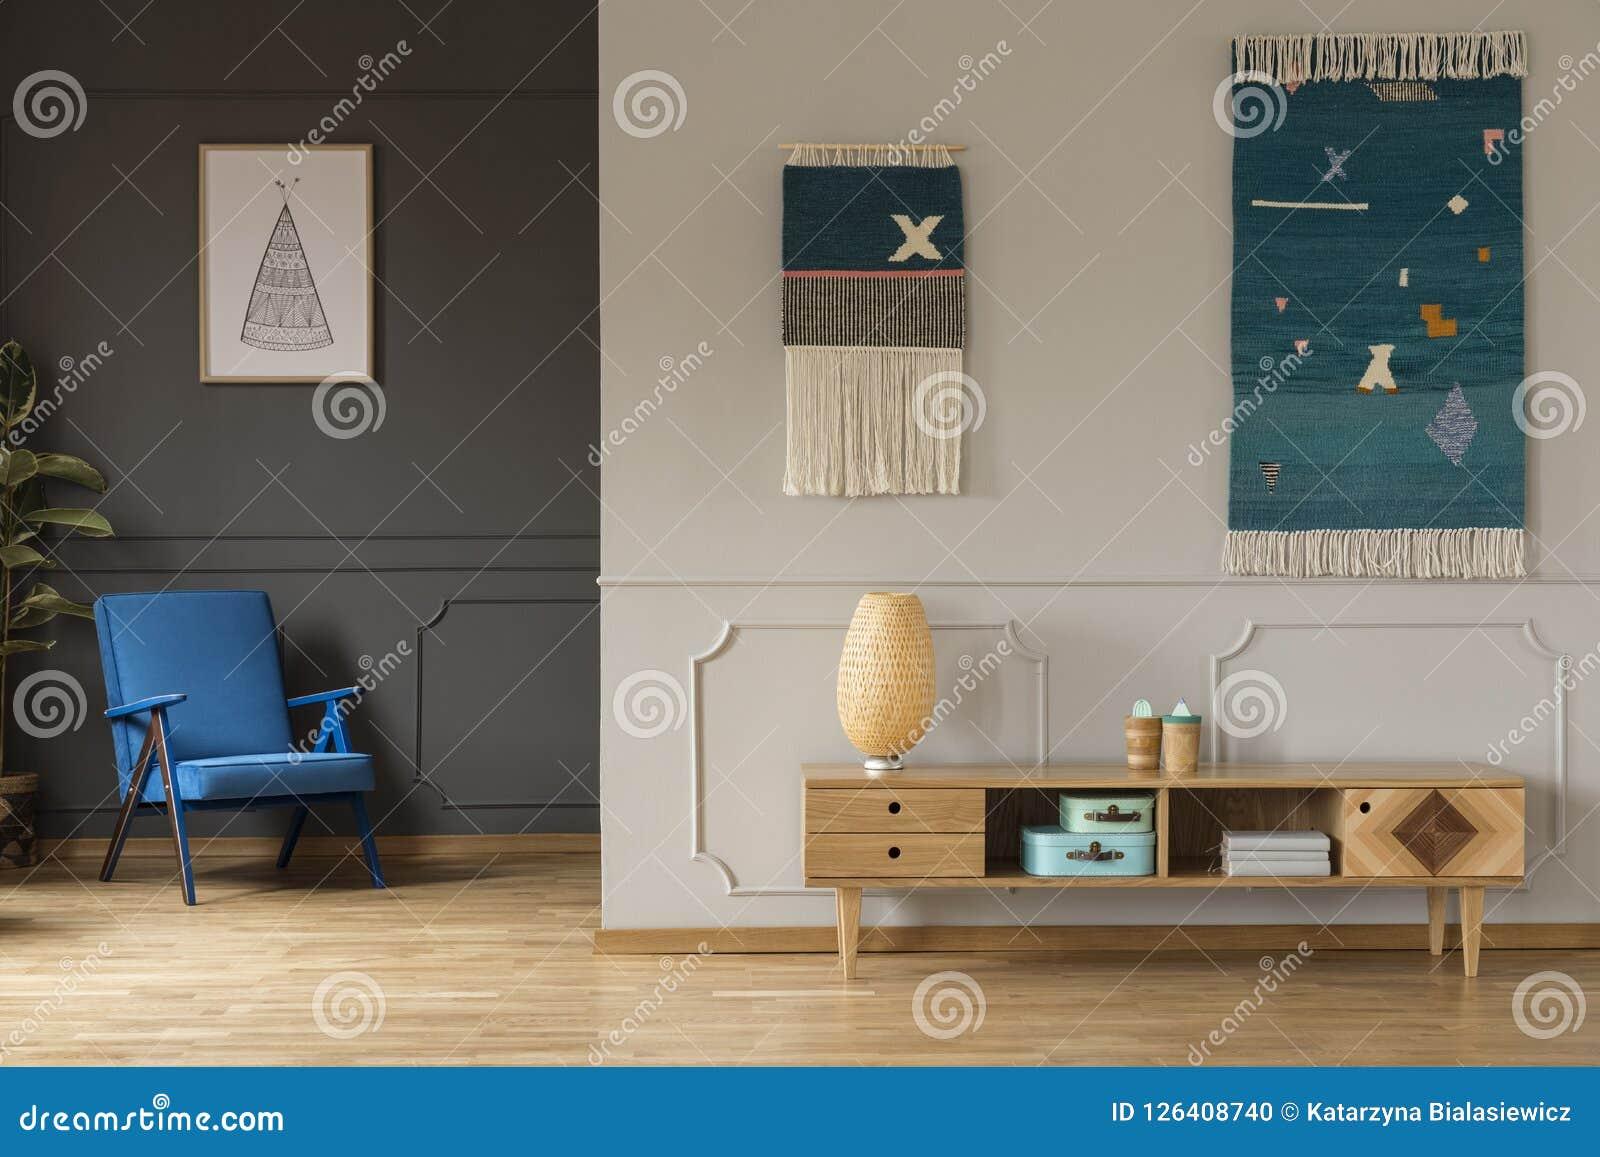 Lampe Sur Le Placard En Bois Dans L Intérieur De Salon Avec L Armcha Bleu